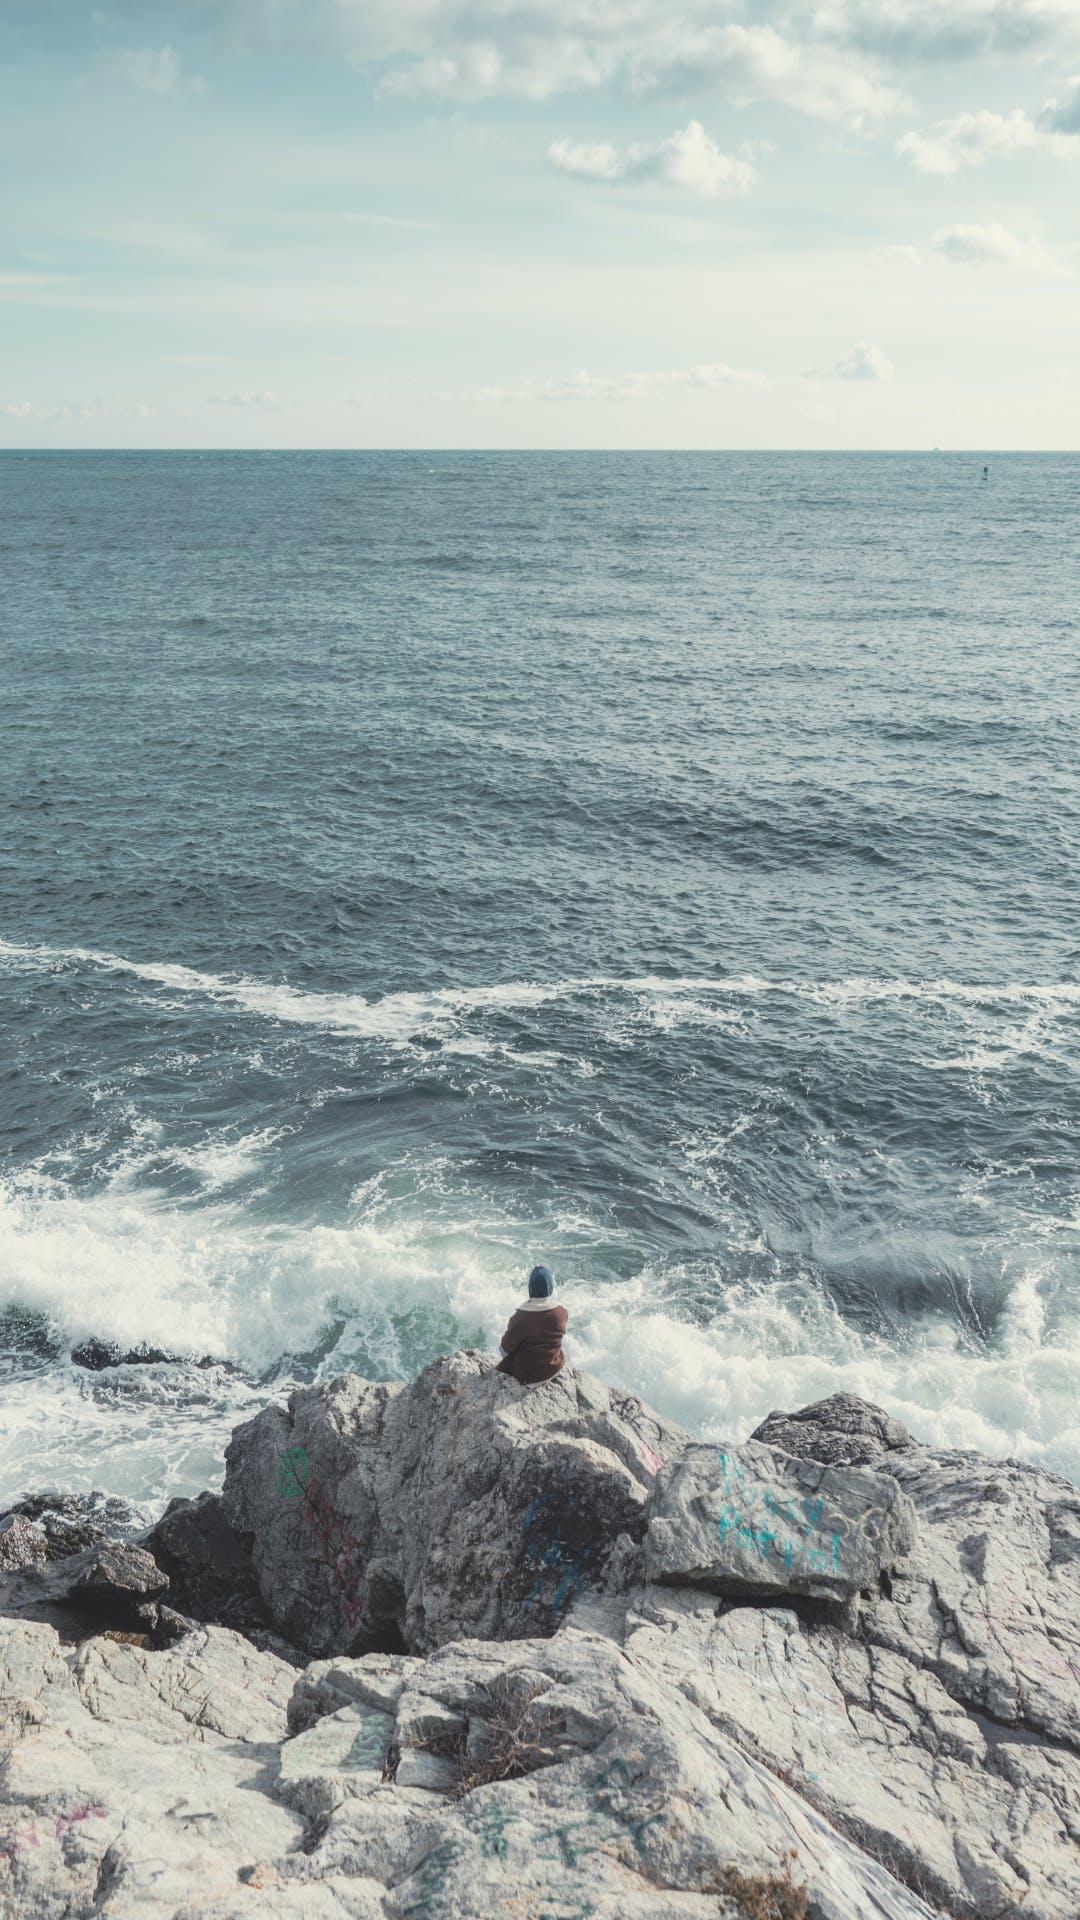 おとこ, サーフィン, シースケープ, ビーチの無料の写真素材